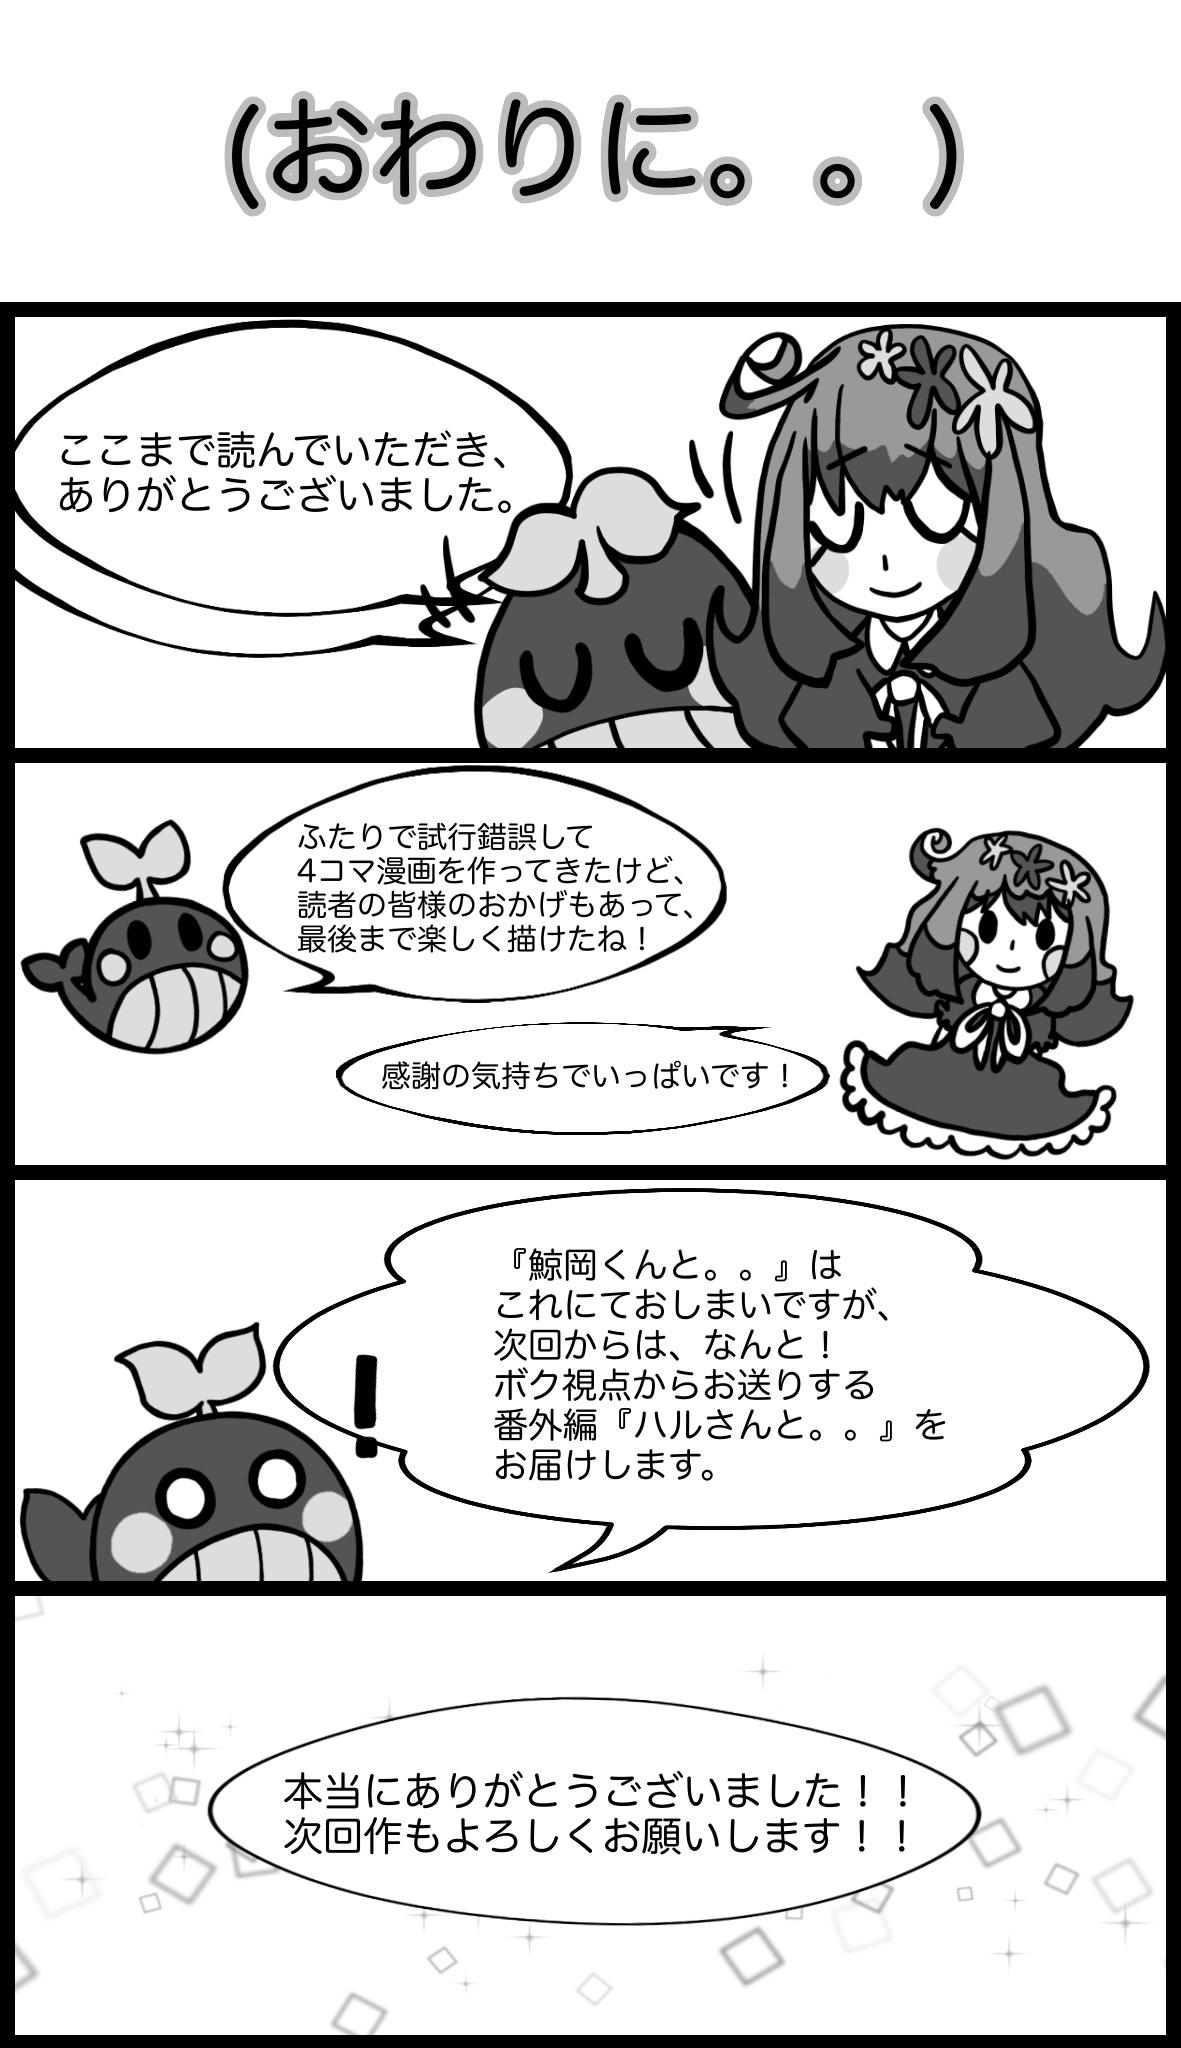 【4コマ漫画】鯨岡くんと。。(47)【シリーズ完結】